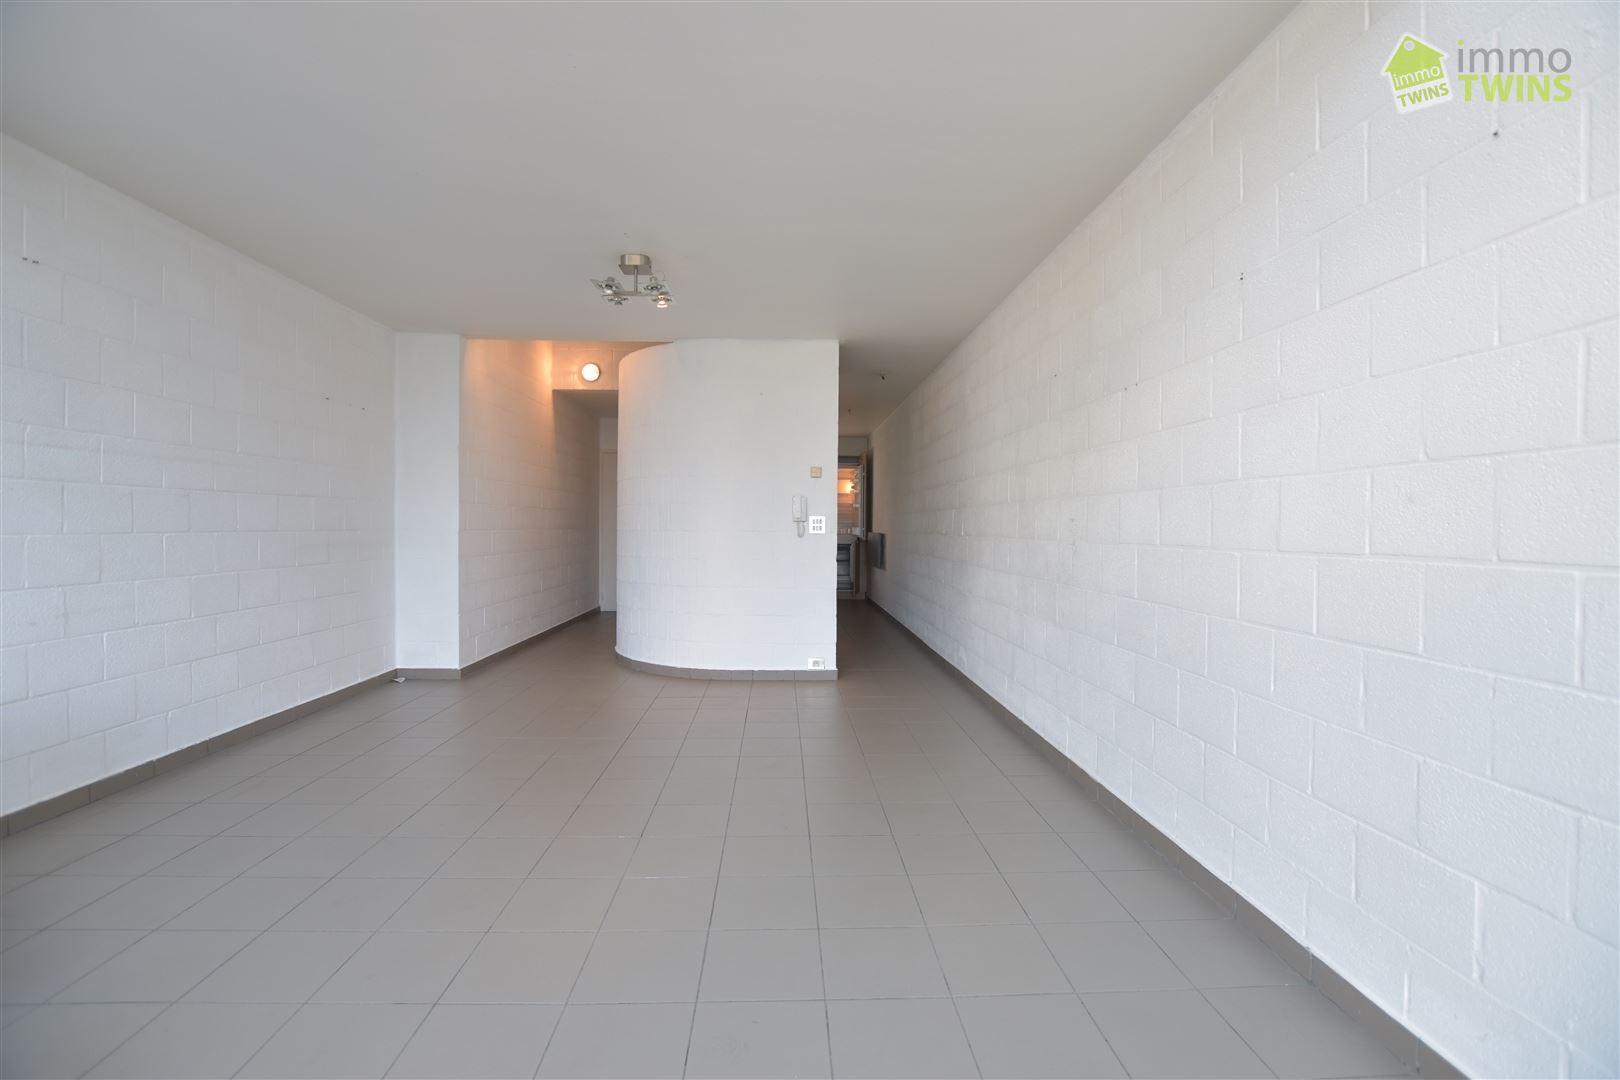 Foto 4 : Duplex/triplex te 9280 LEBBEKE (België) - Prijs € 257.000